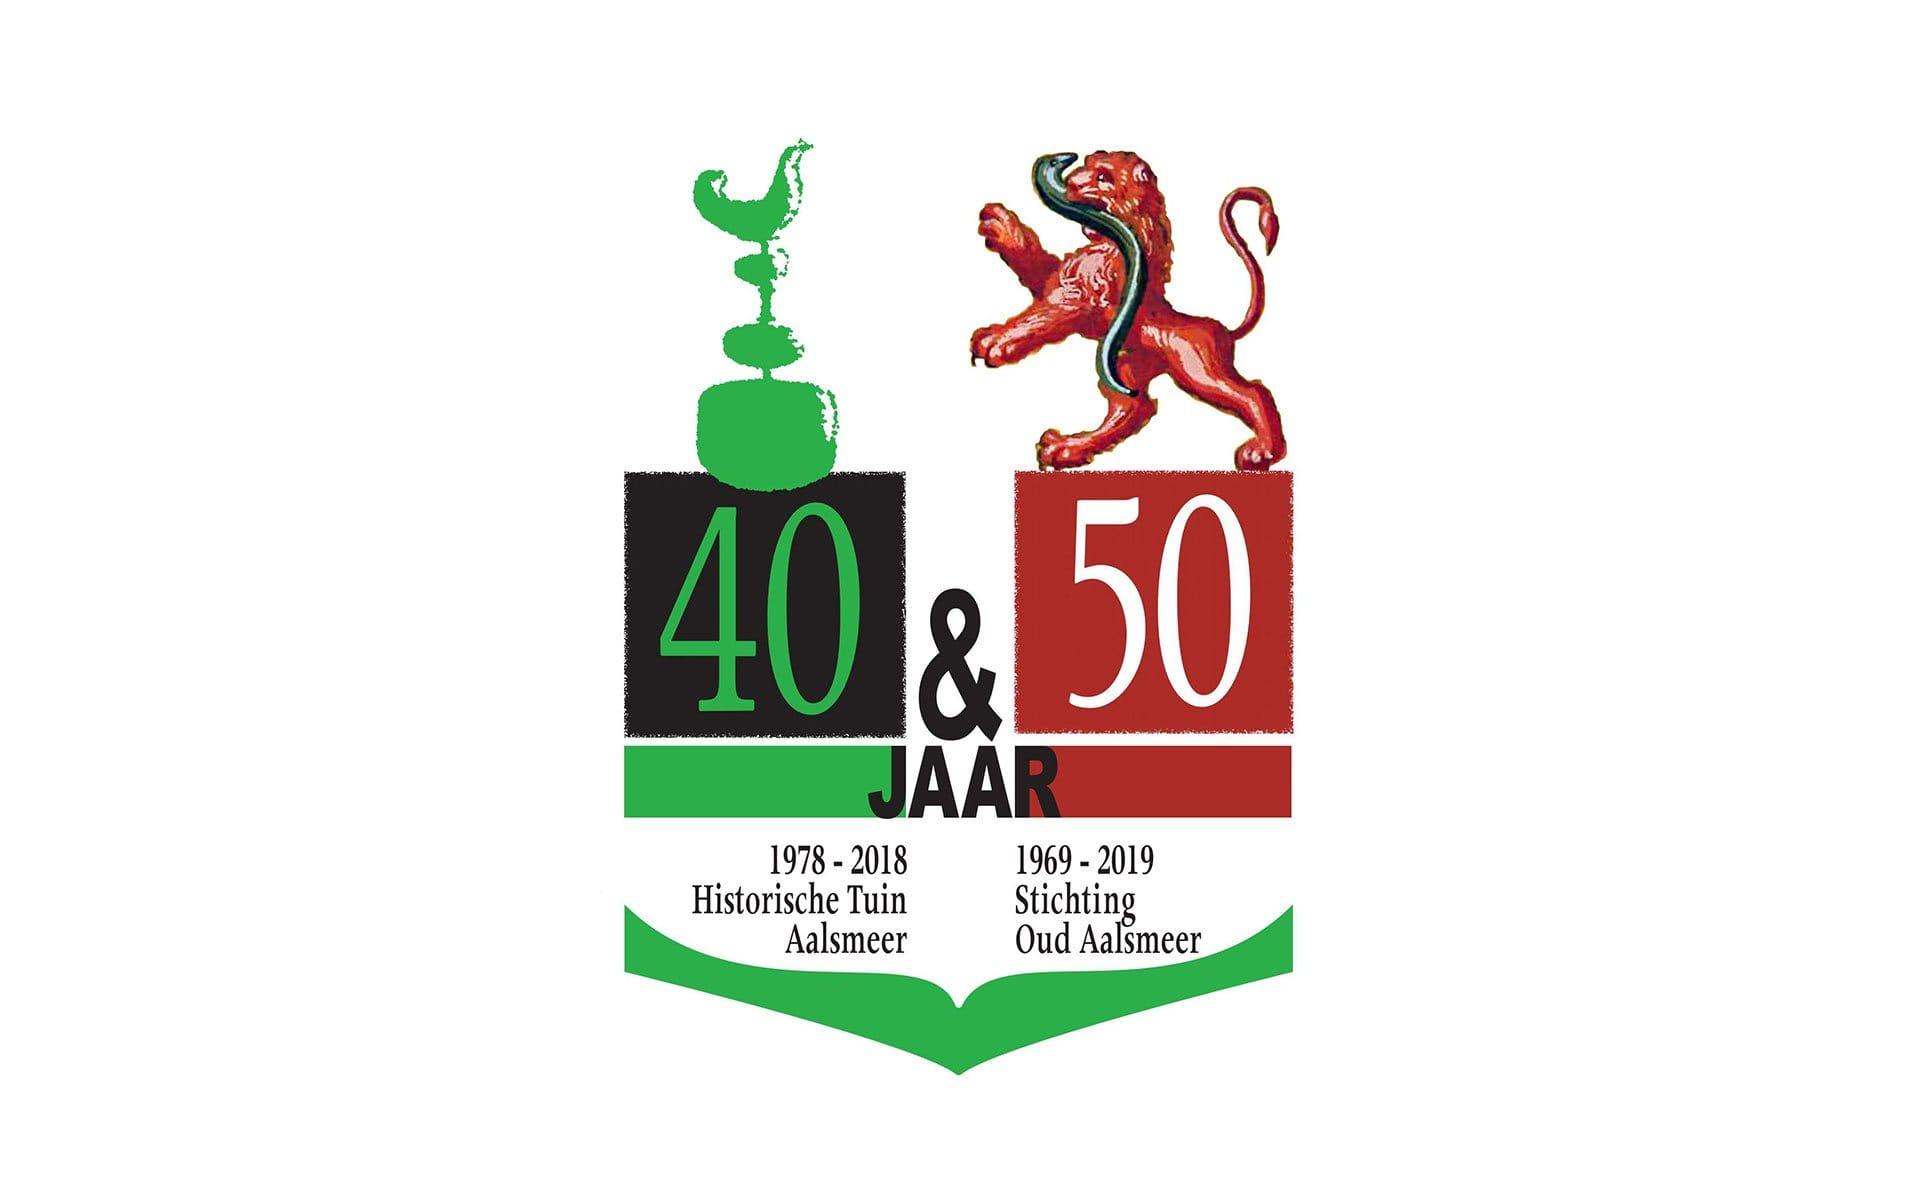 Jubileumlogo 40 jaar Historische Tuin Aalsmeer - 50 jaar Stichting Oud Aalsmeer